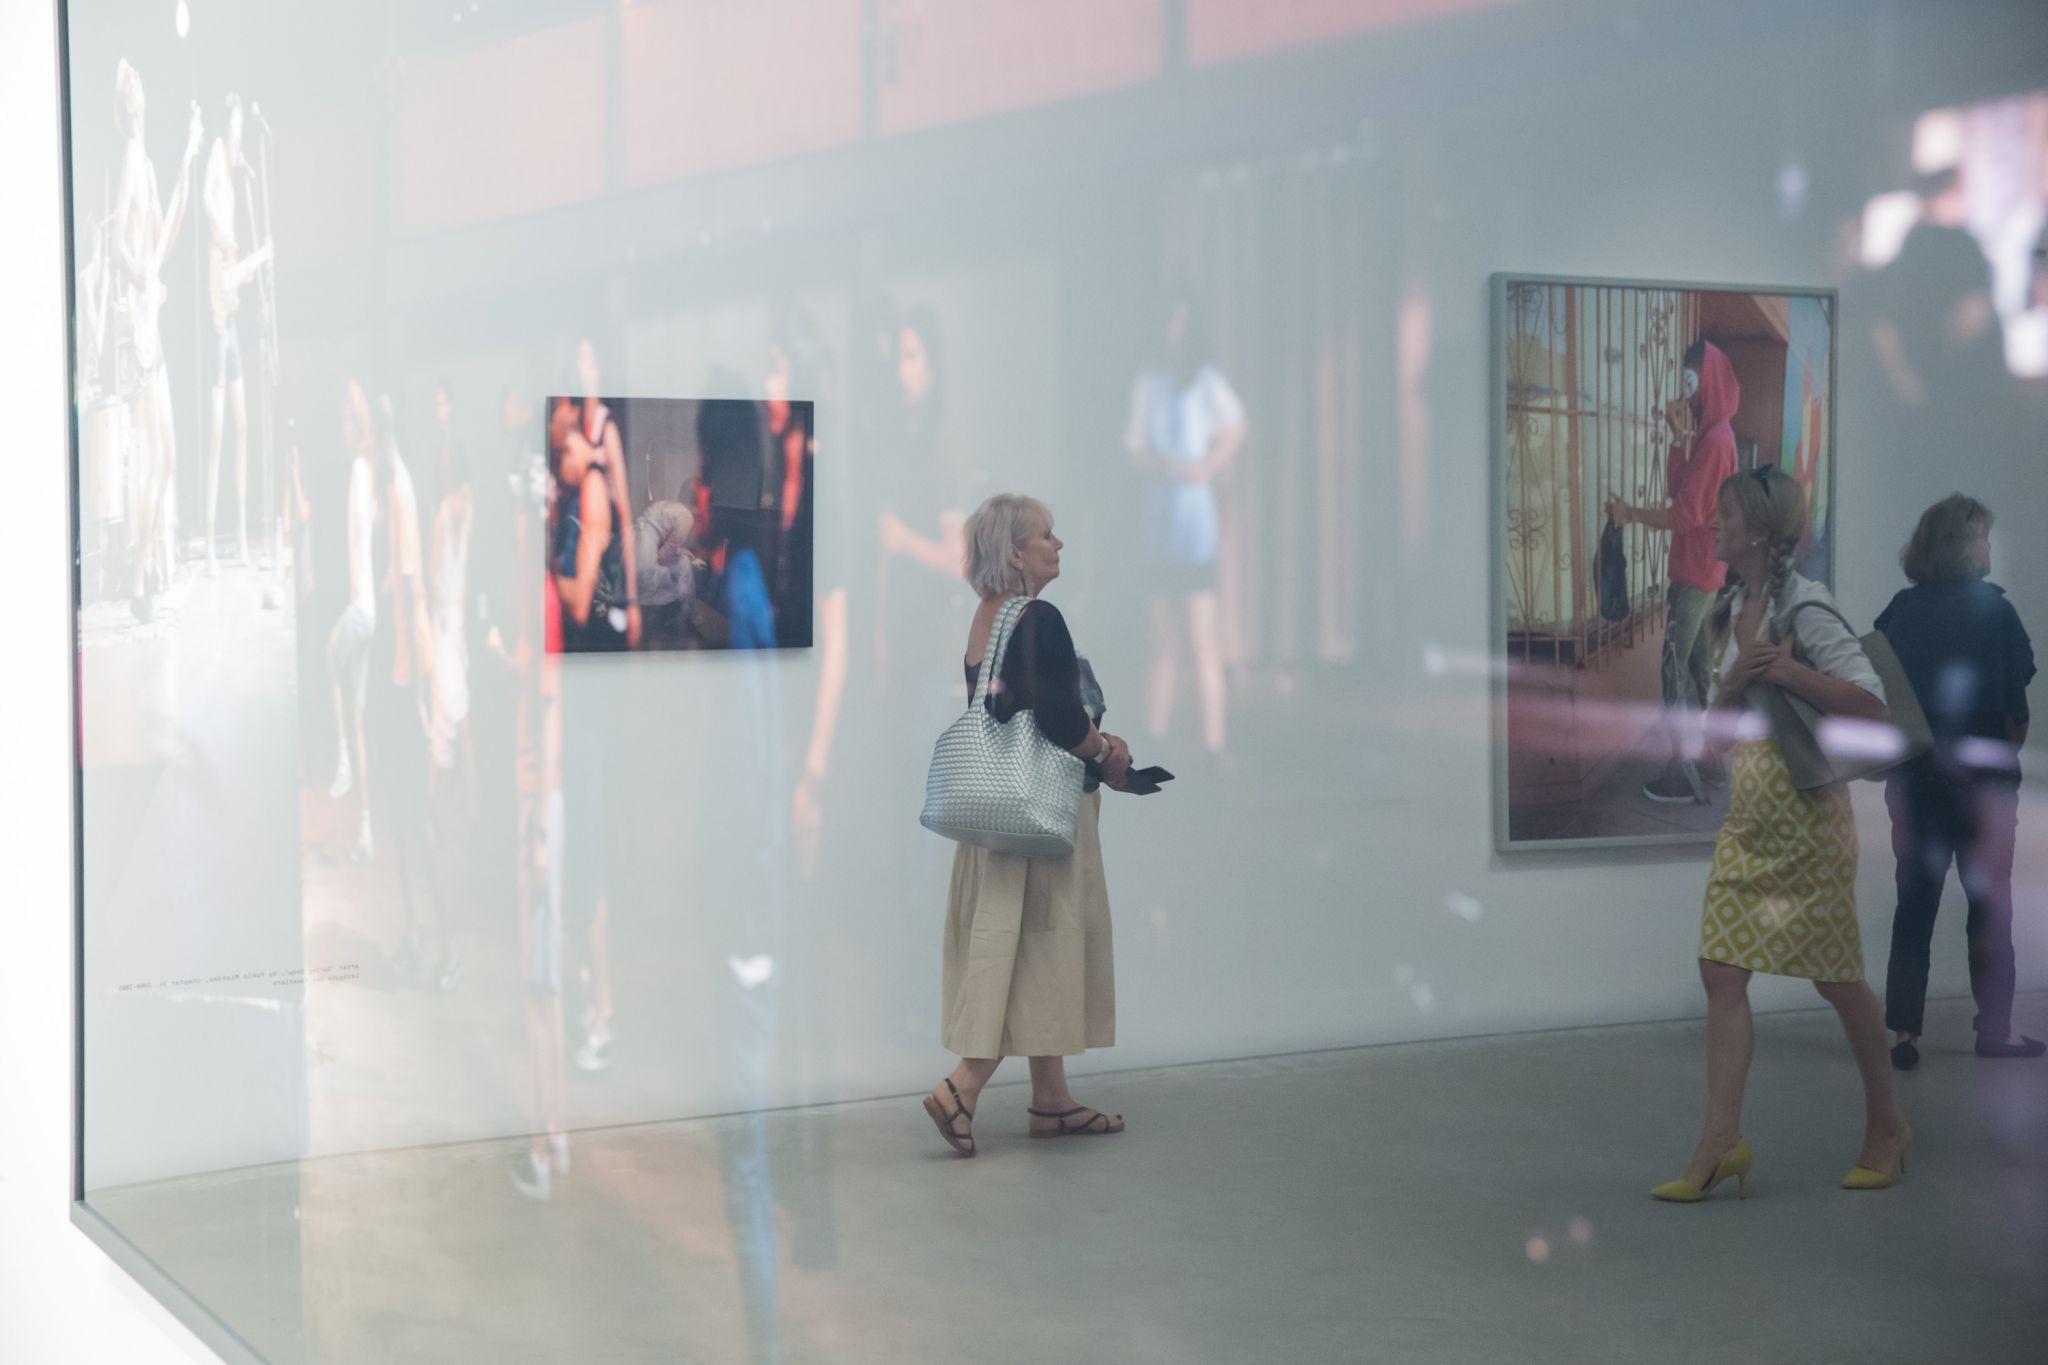 Foto: Kunsthalle Mannheim/ Maria Schumann